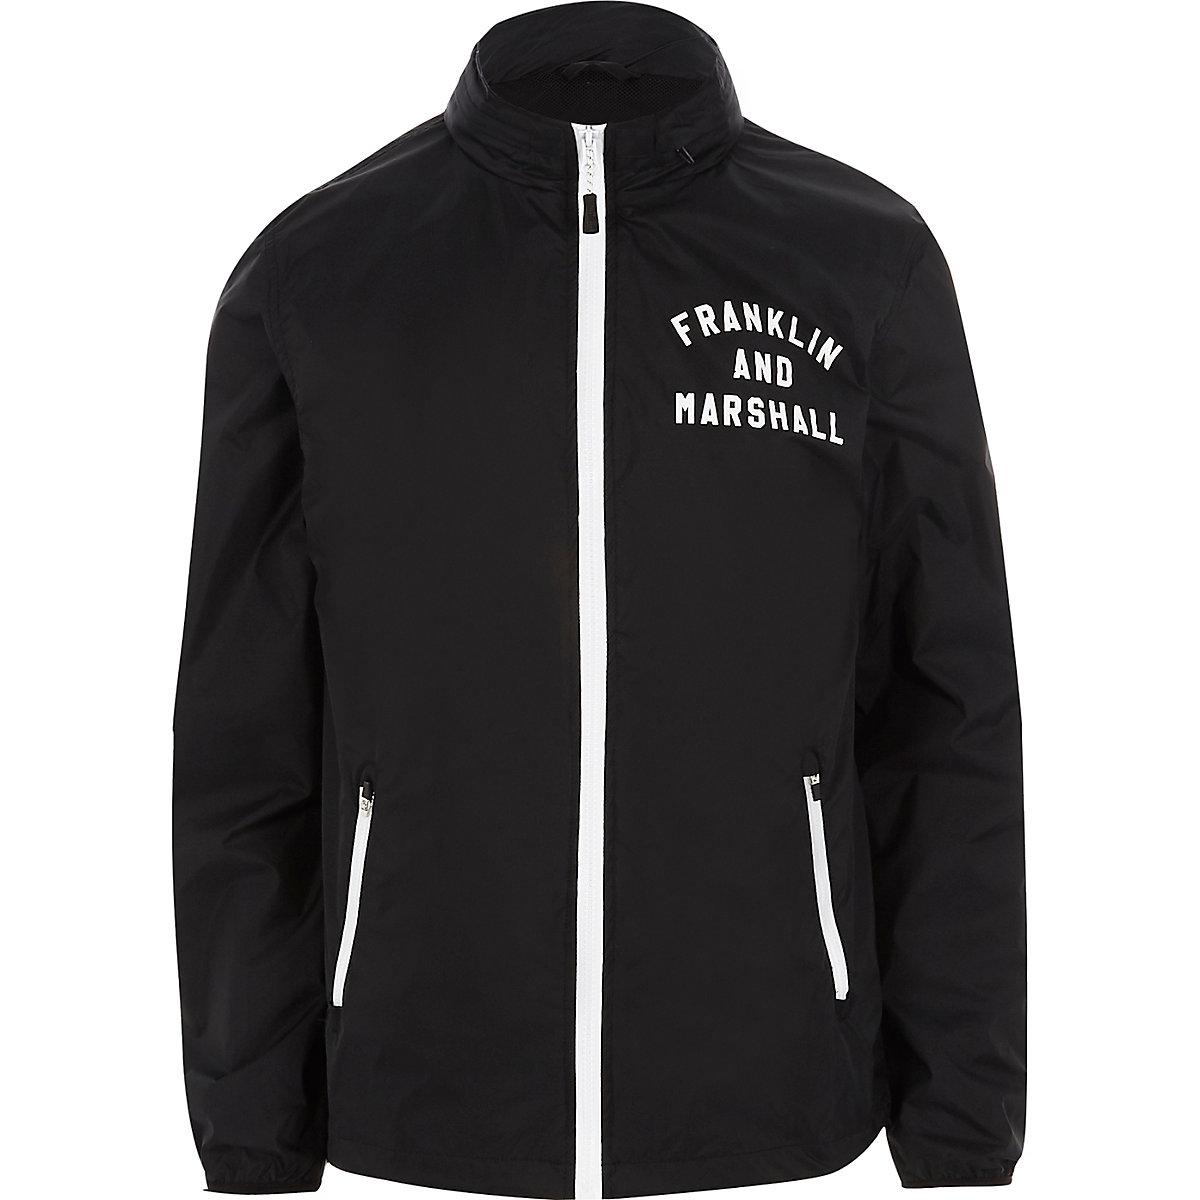 Franklin & Marshall navy lightweight jacket